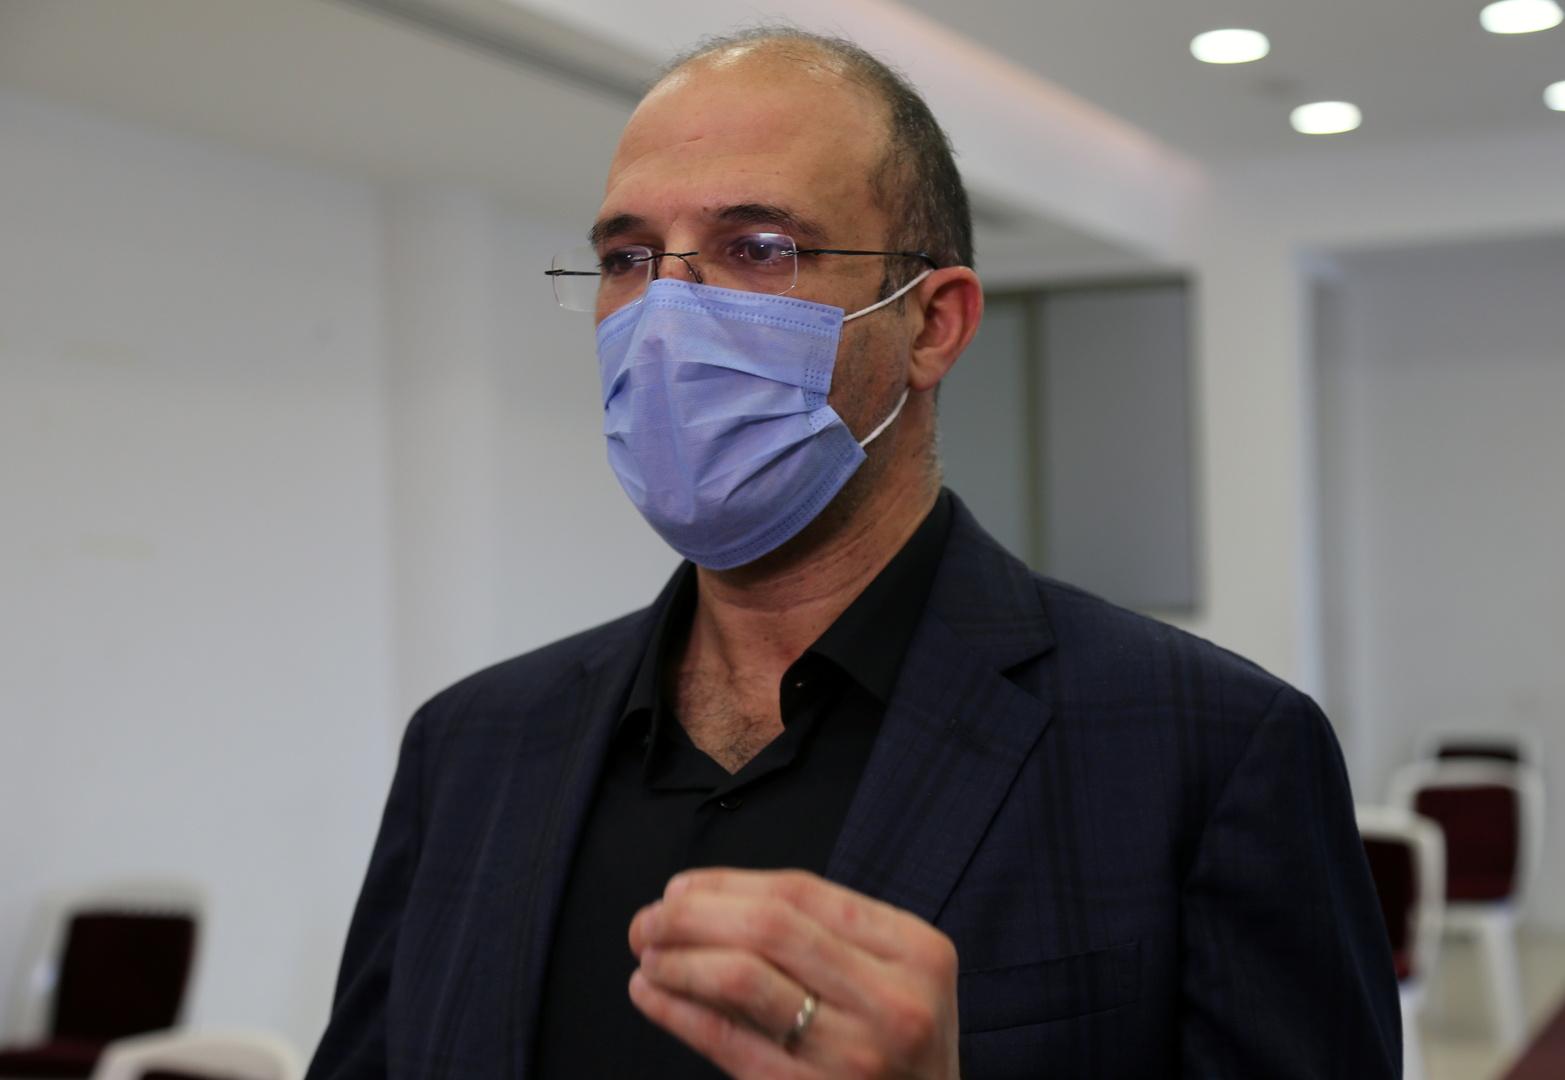 لا داعي للهلع... وزير الصحة يكشف عن وجهه...